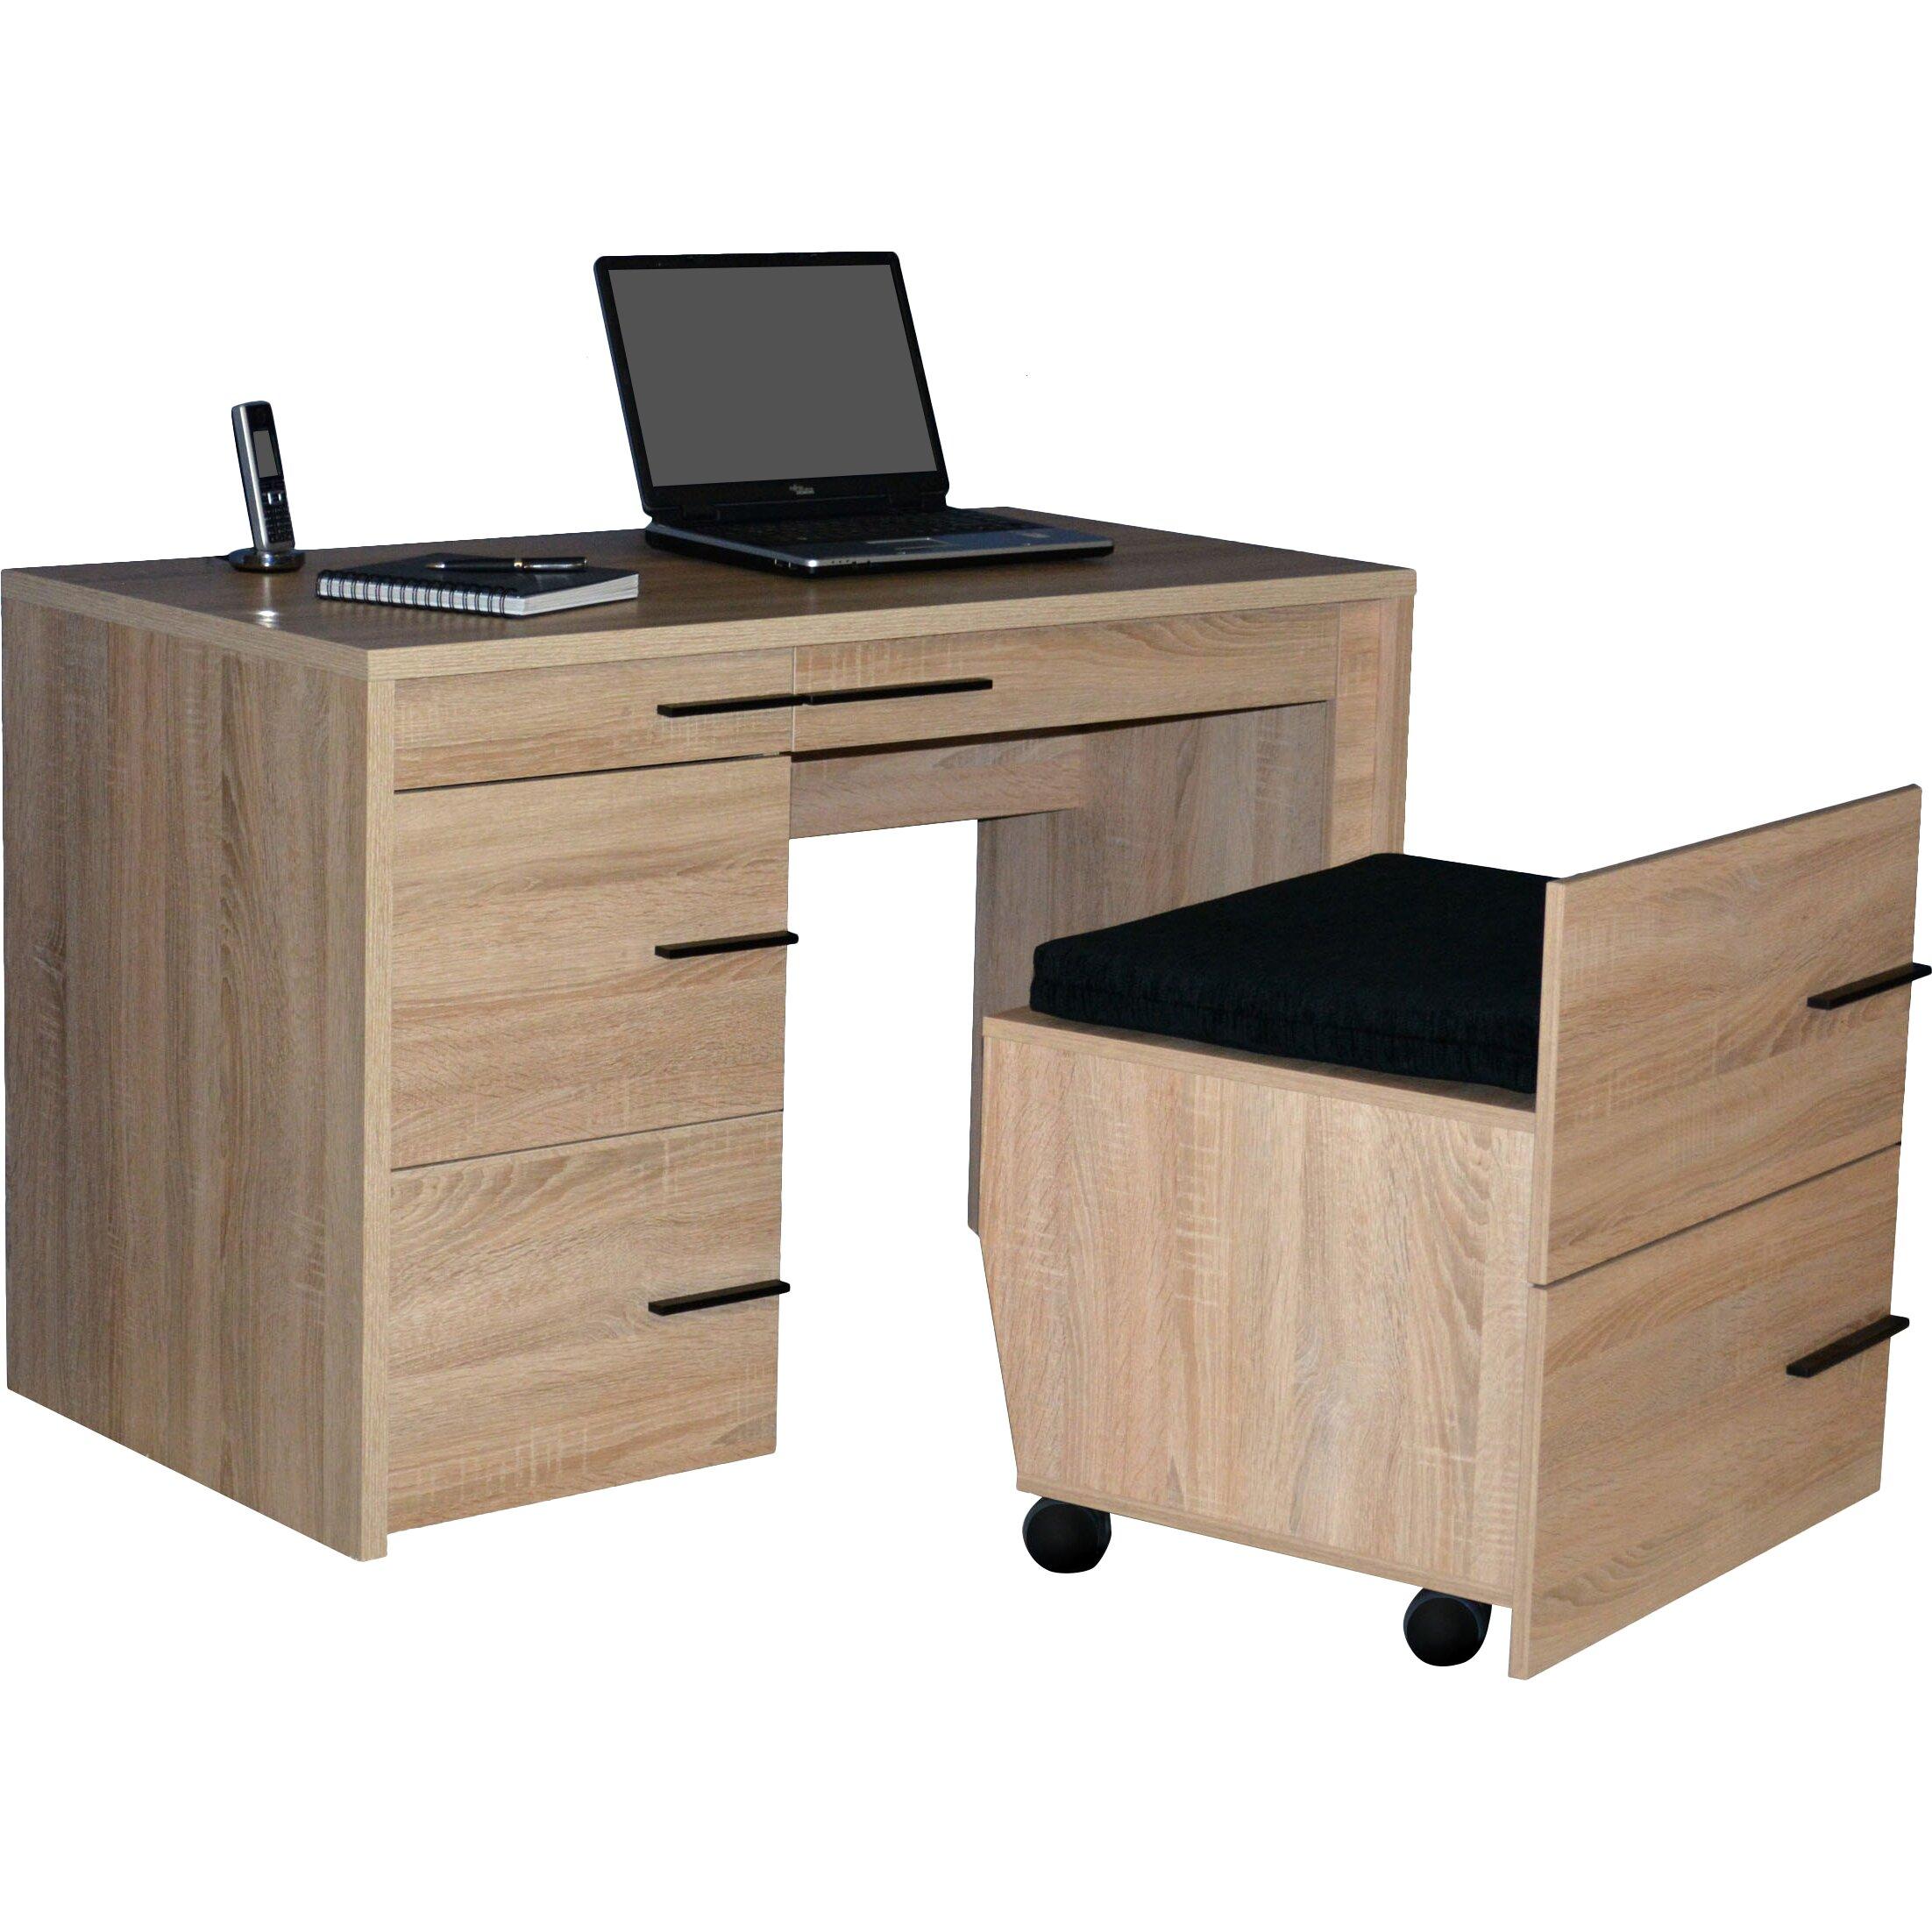 jahnke schreibtisch cl 120. Black Bedroom Furniture Sets. Home Design Ideas